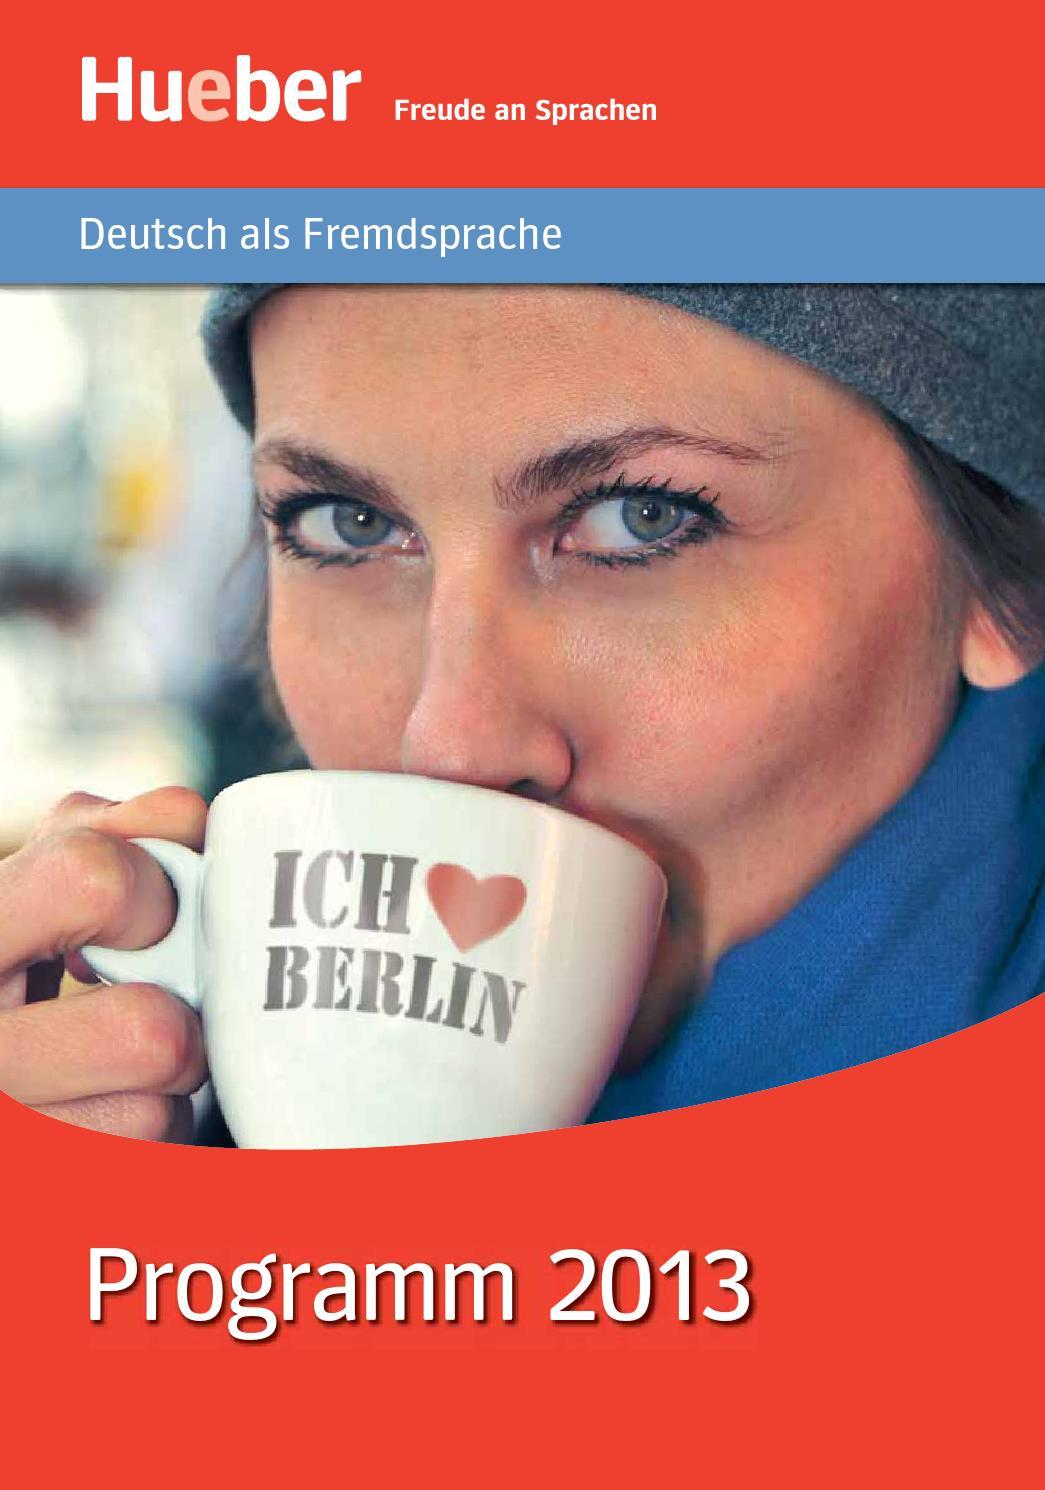 Katalog Hueber DaF 4 by Pavel Pencik - issuu